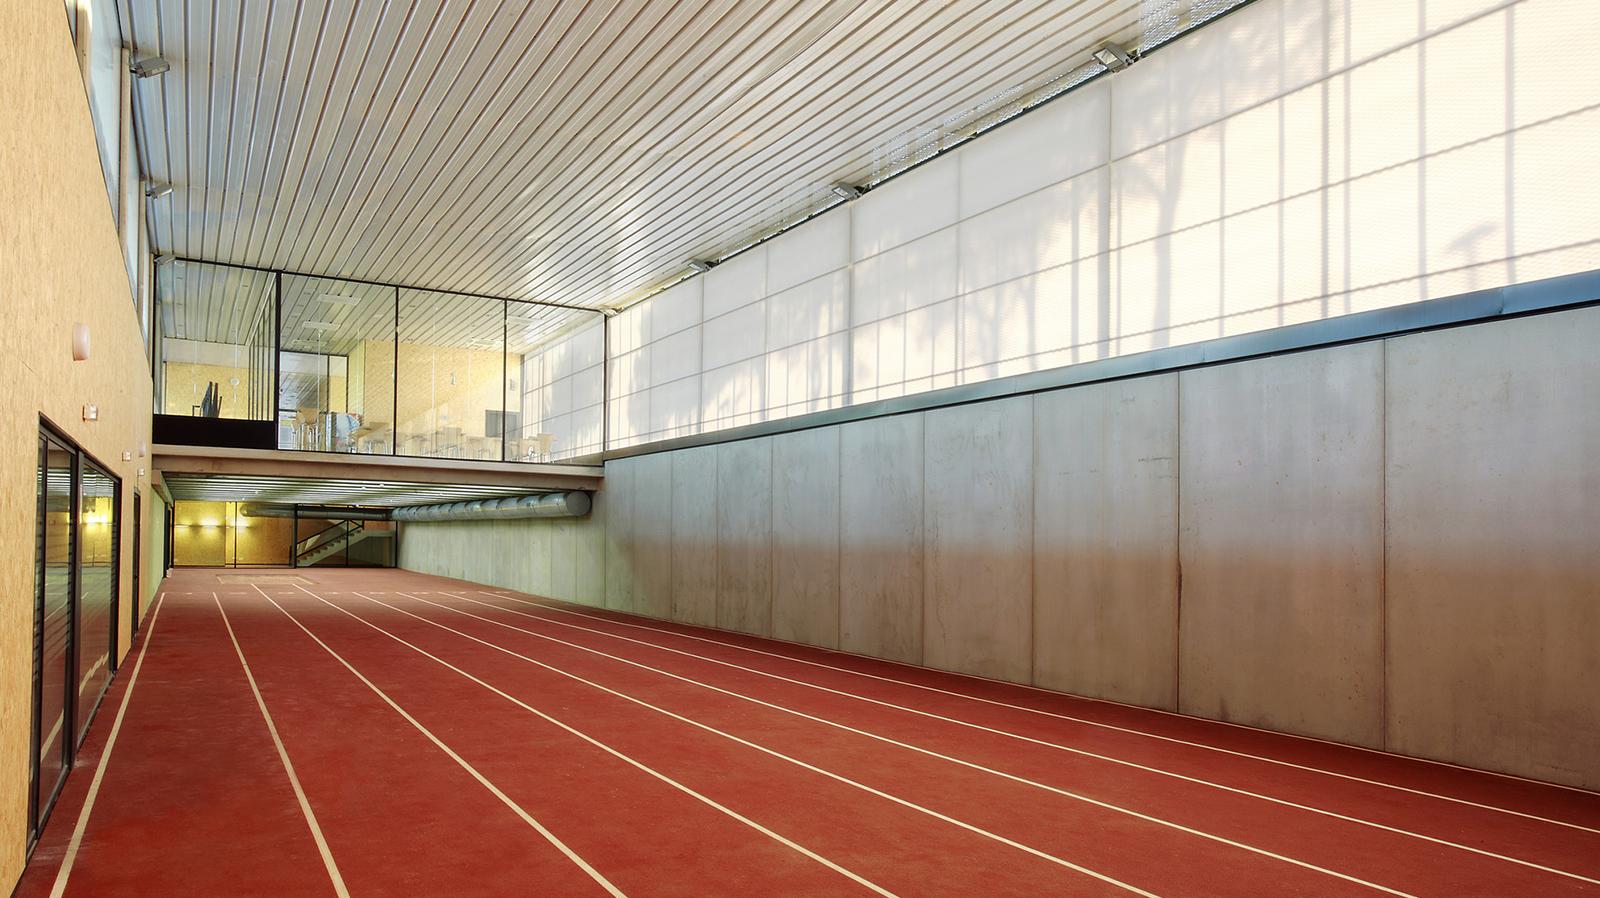 Módulo interior, athletics track magaluf, pista de atletismo magaluf , Entrena atletismo en Mallorca , Athletics track in Mallorca